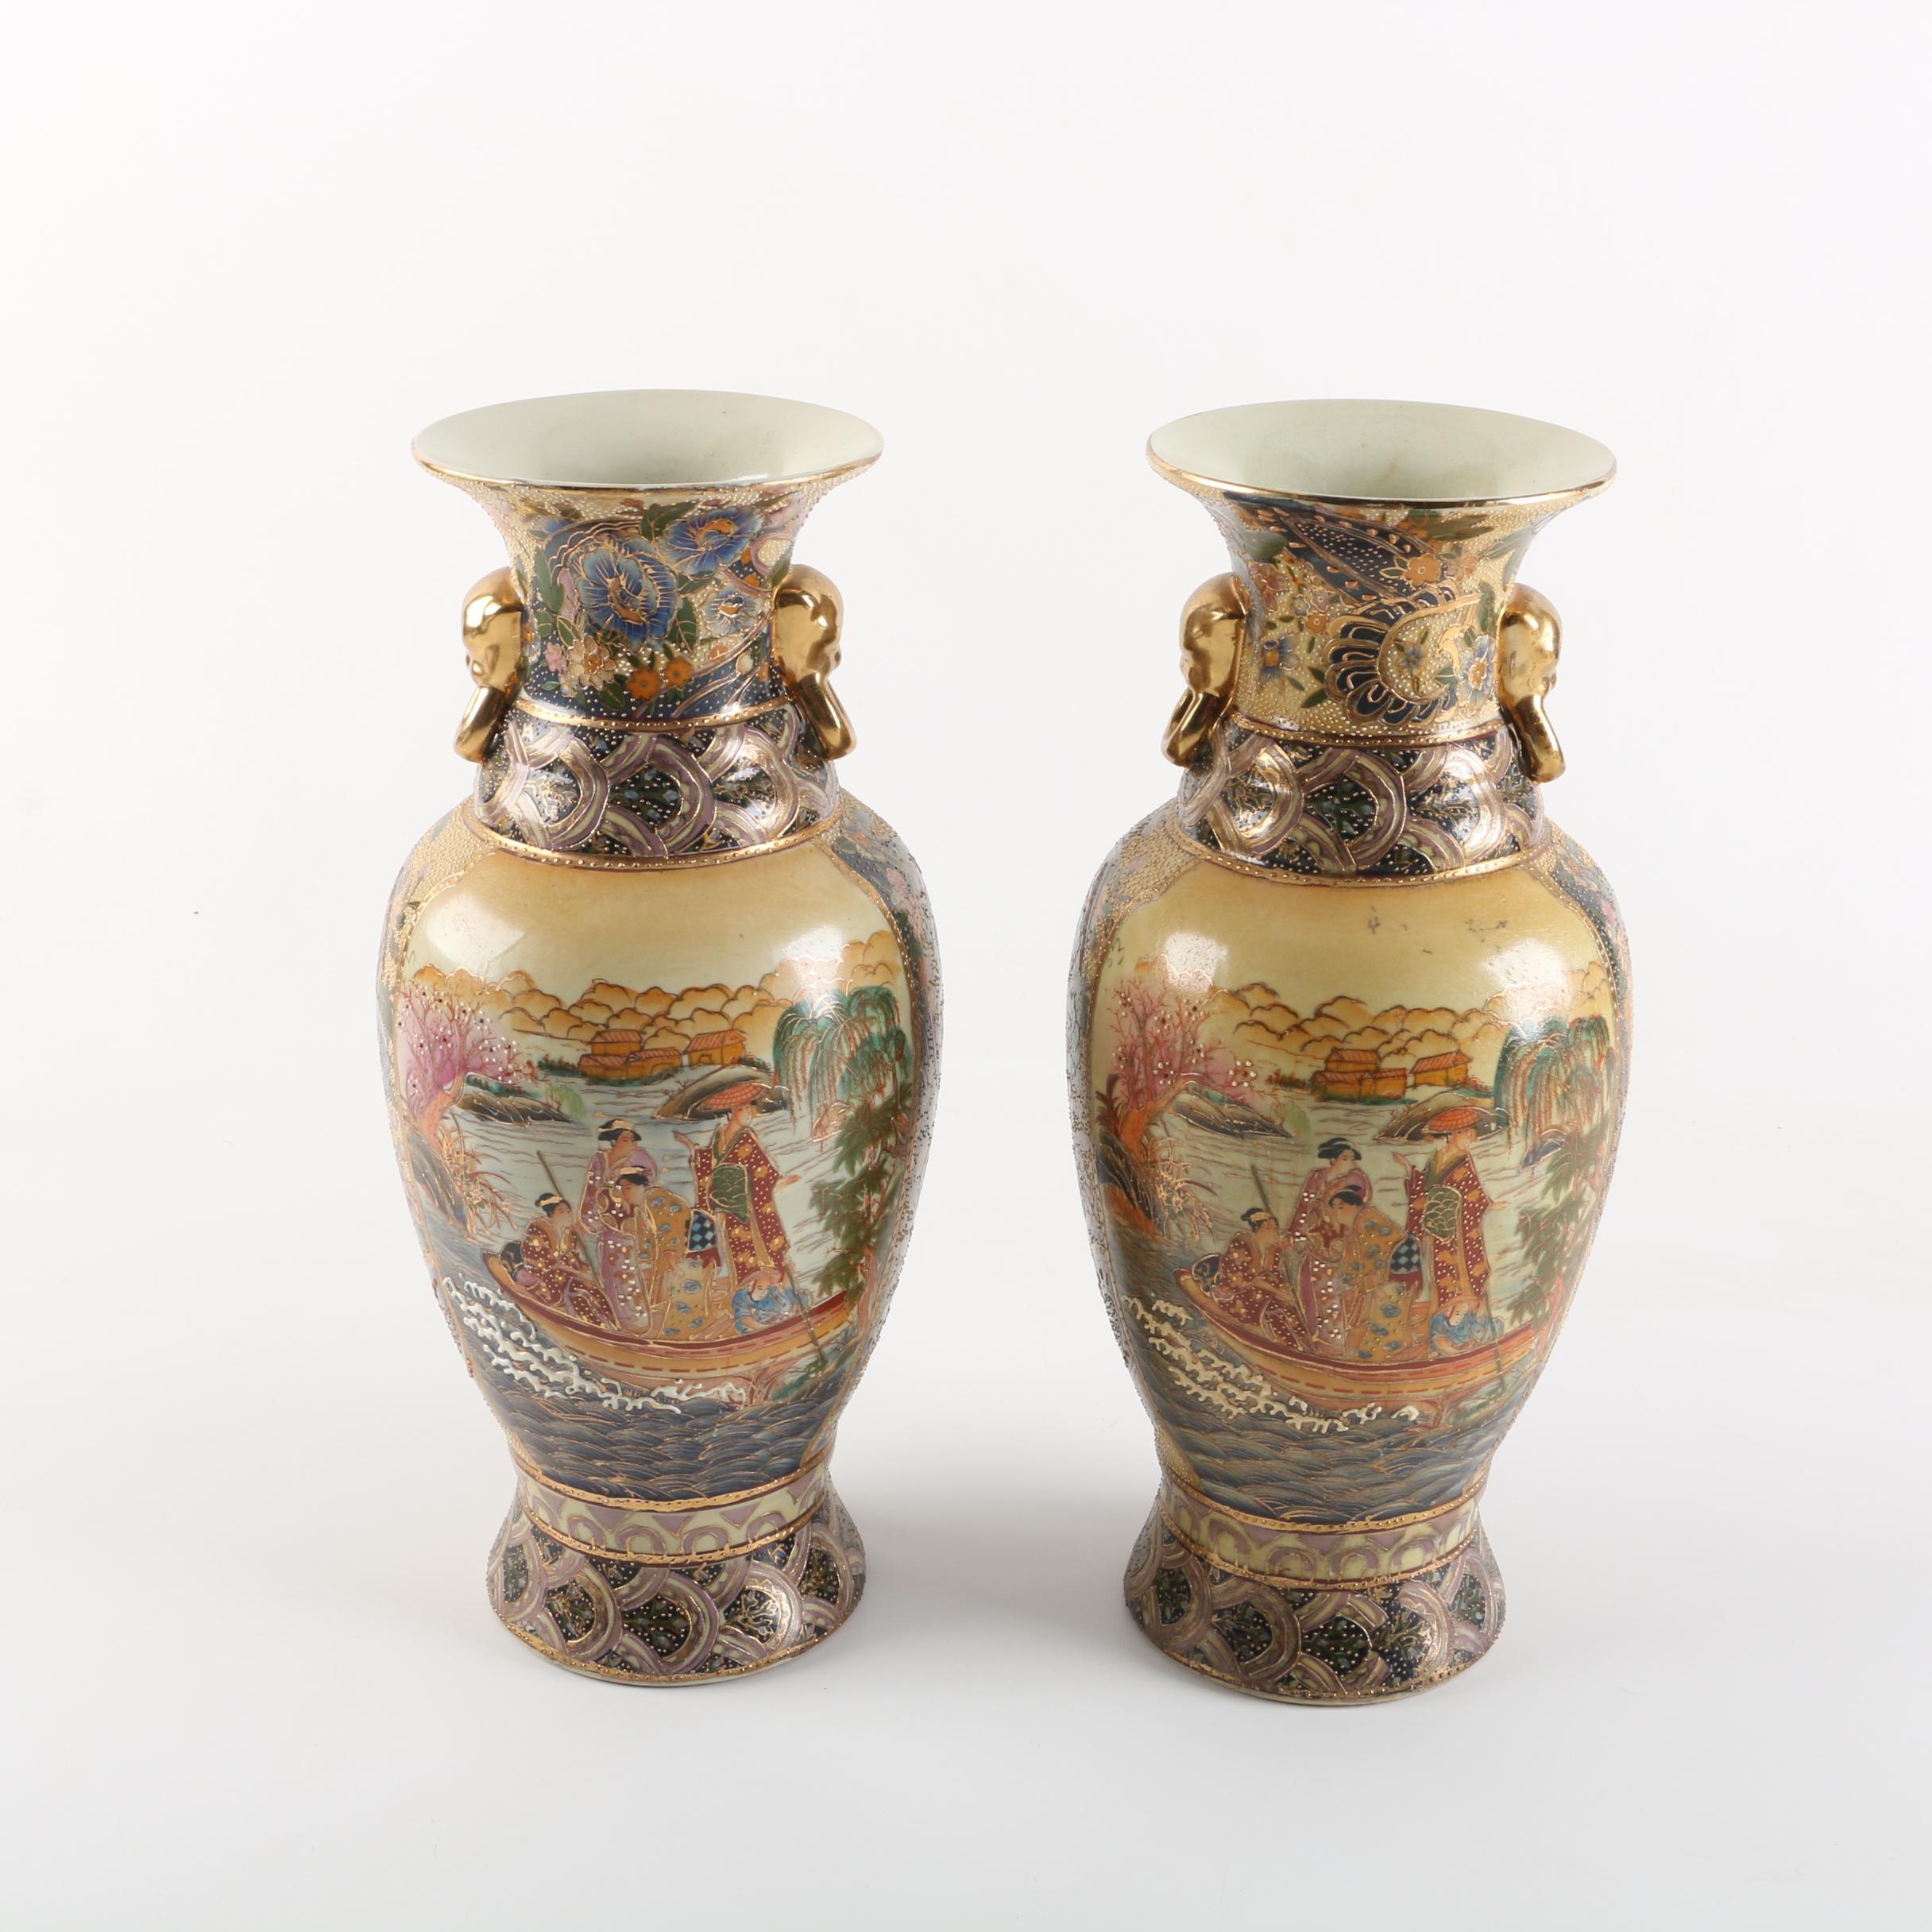 Chinese Satsuma Style Ceramic Vases